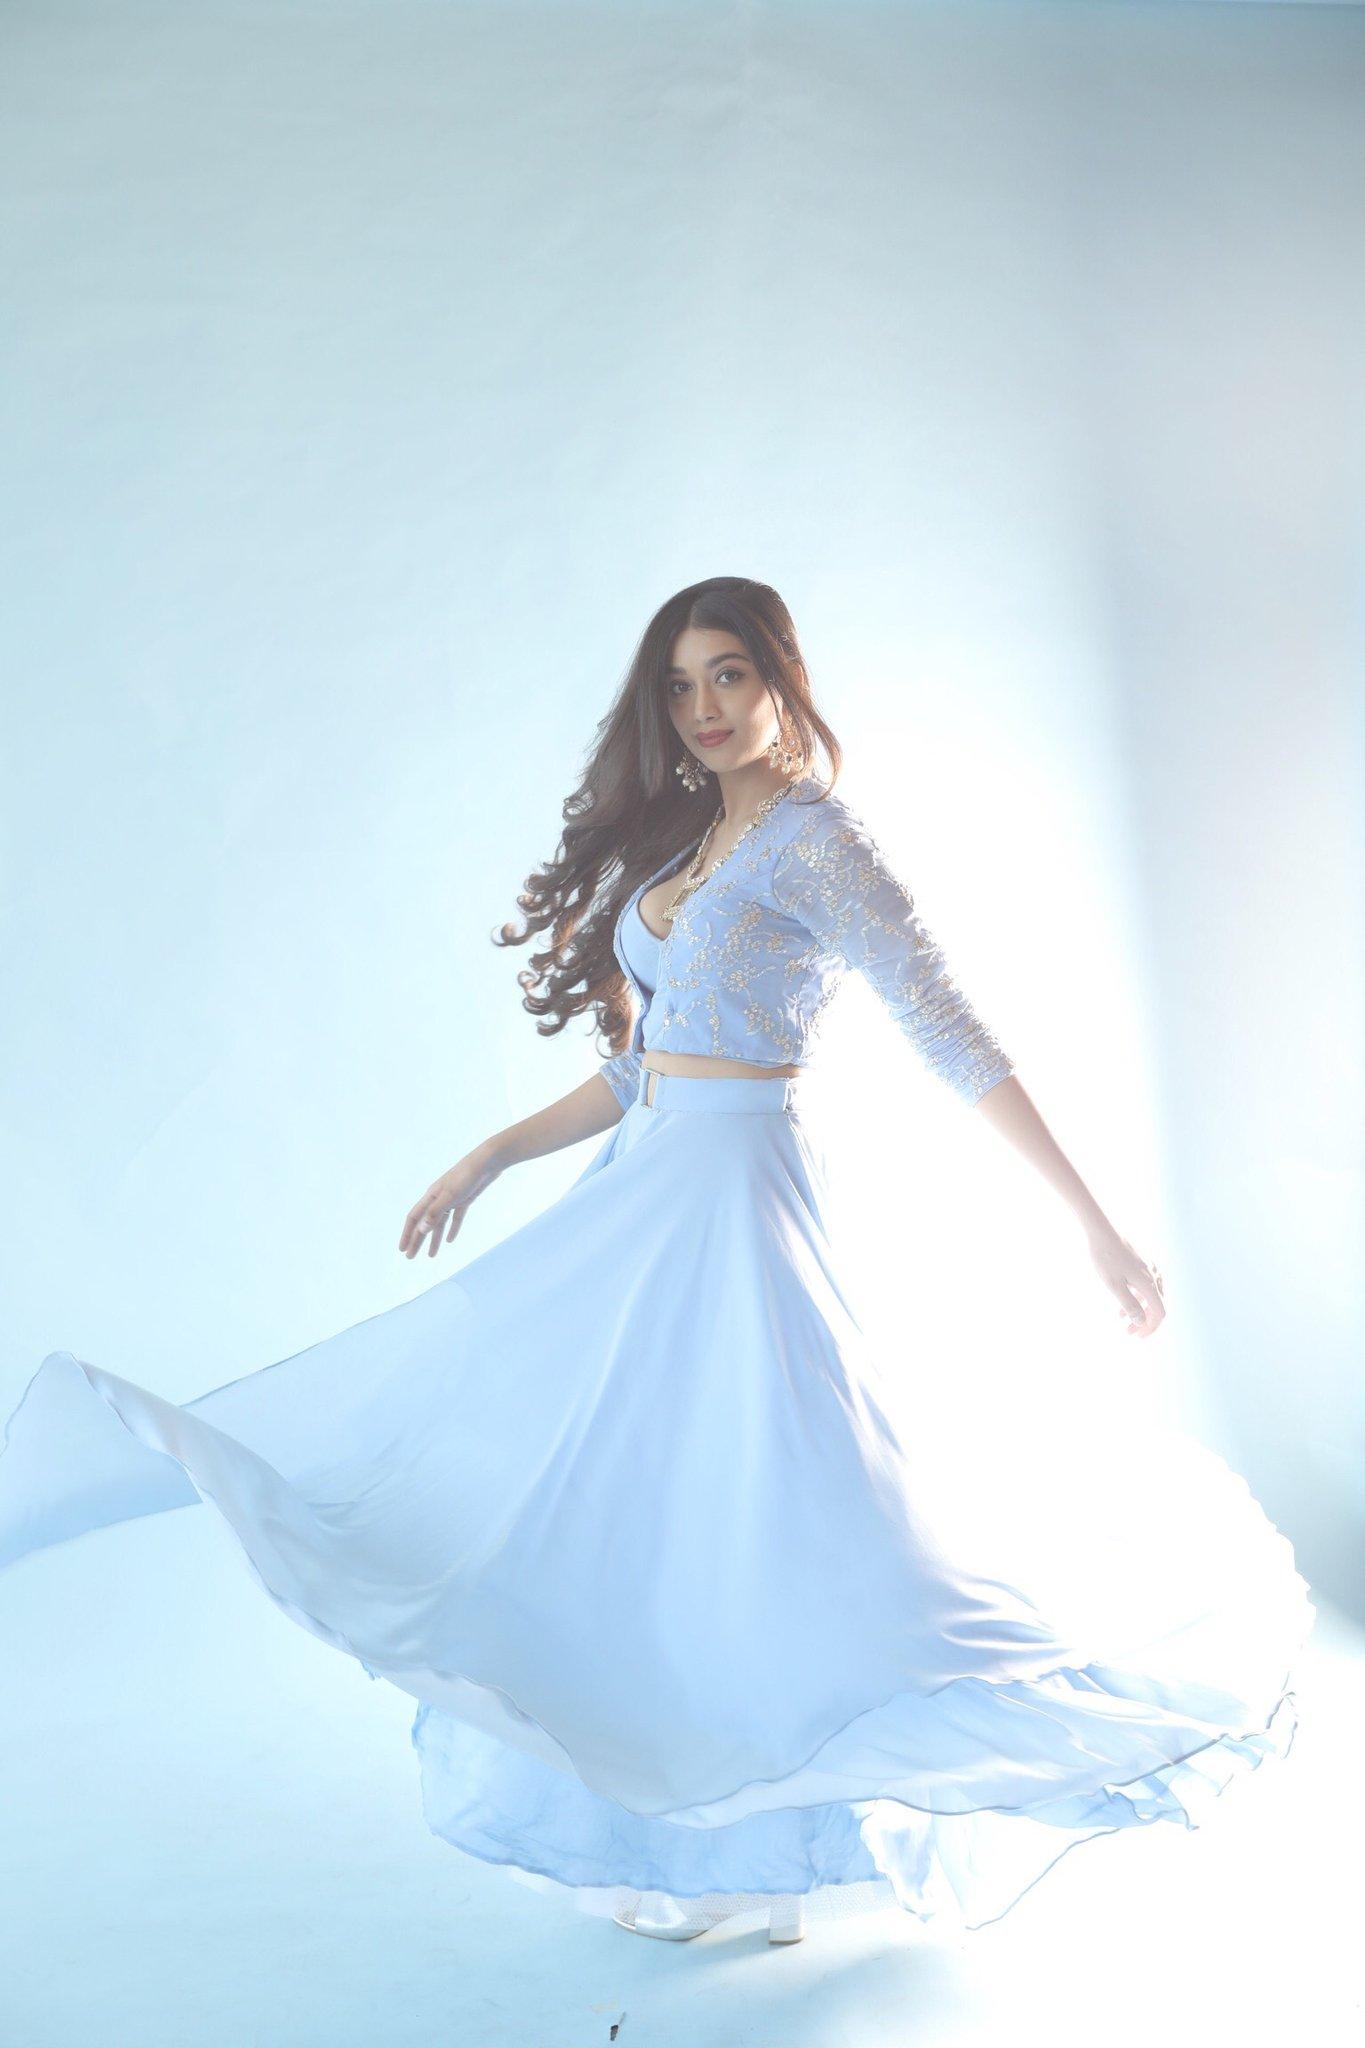 Actress Digangana Suryavanshi latest photos